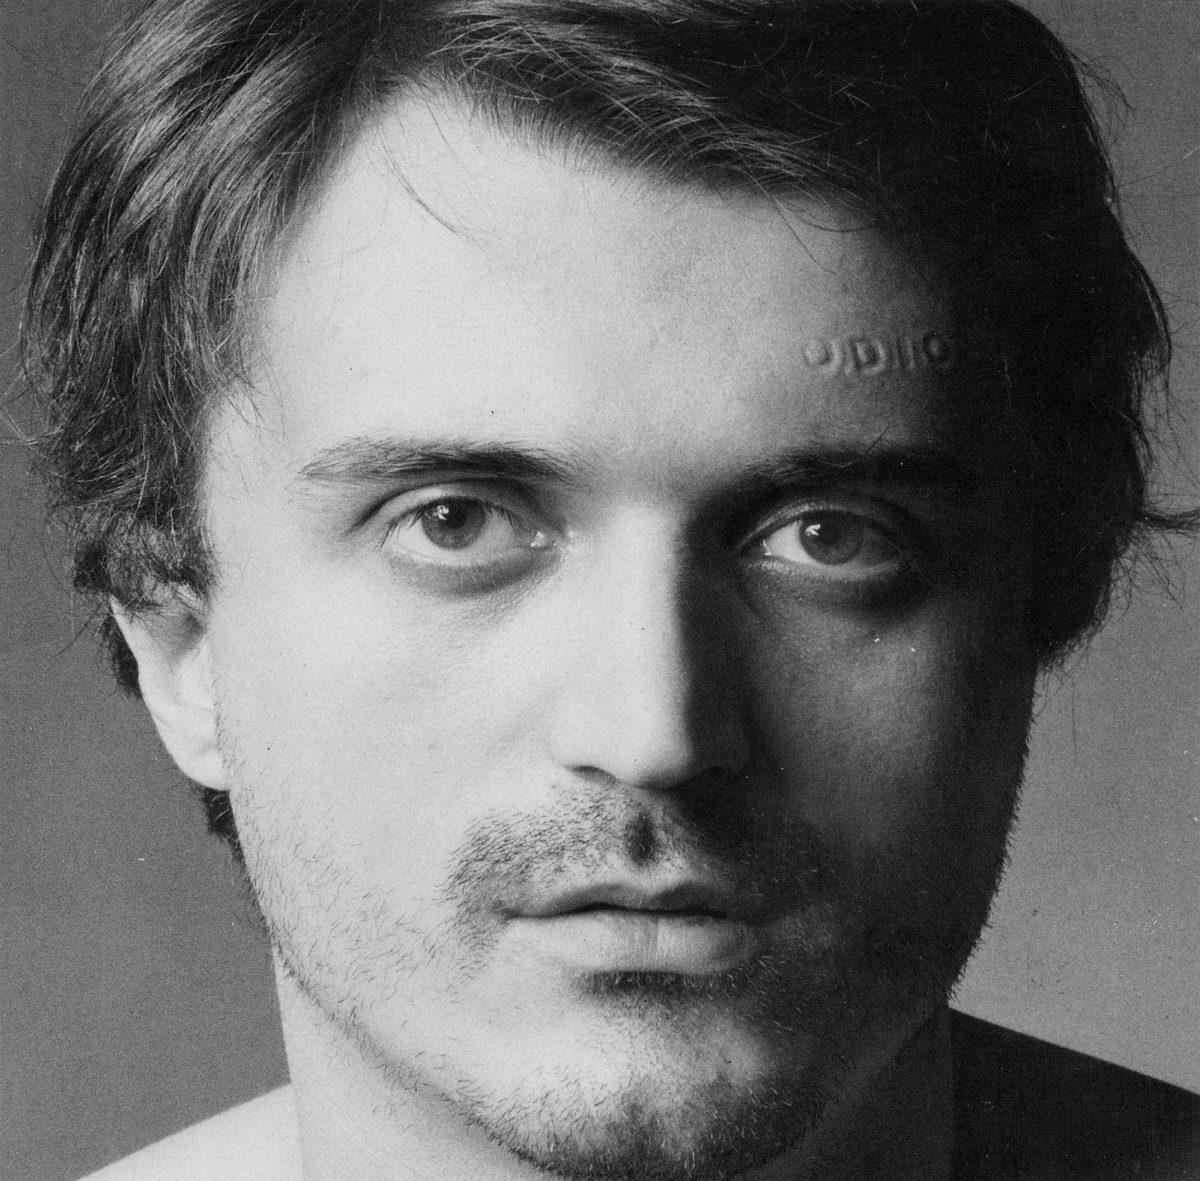 Gilberto Zorio, Odio (Hate), 1971. Photo: Paolo Mussat Sartor